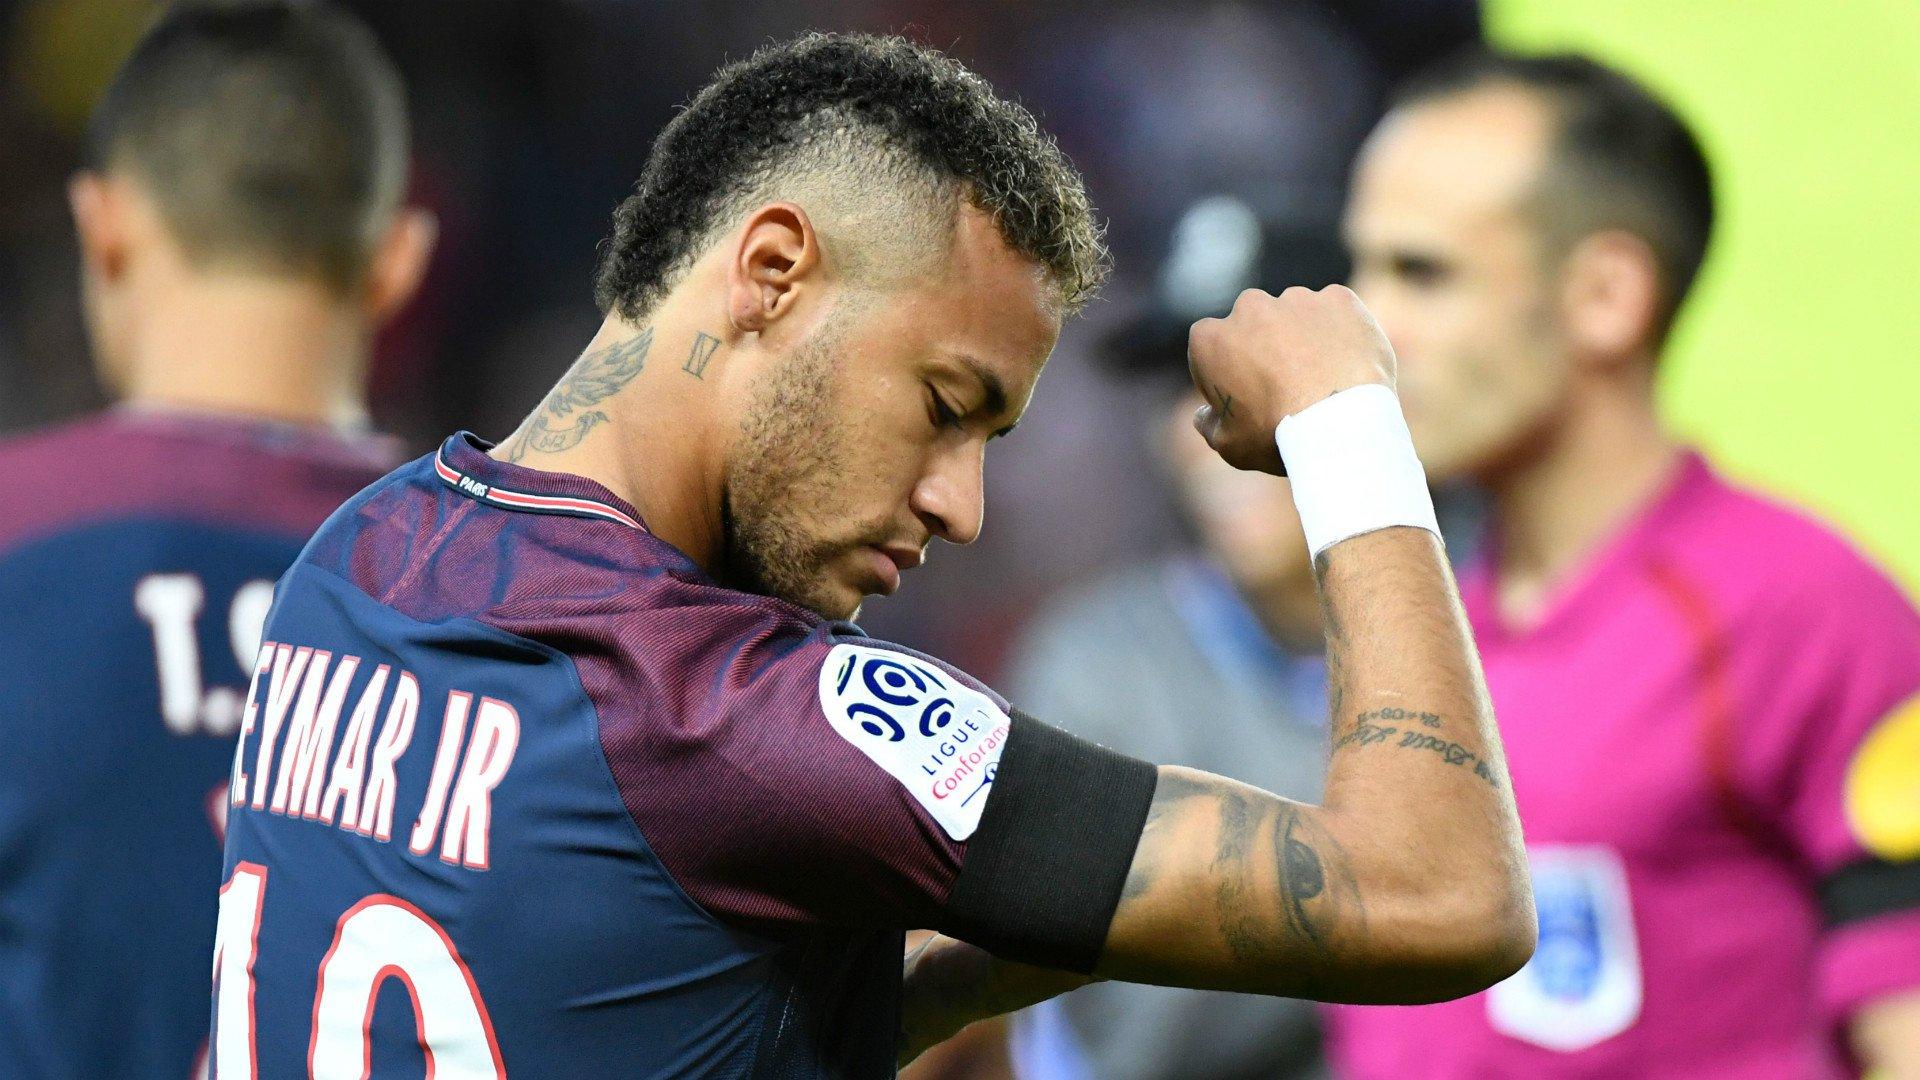 Những cầu thủ là tâm điểm chú ý ở lượt trận Champions League đêm nay